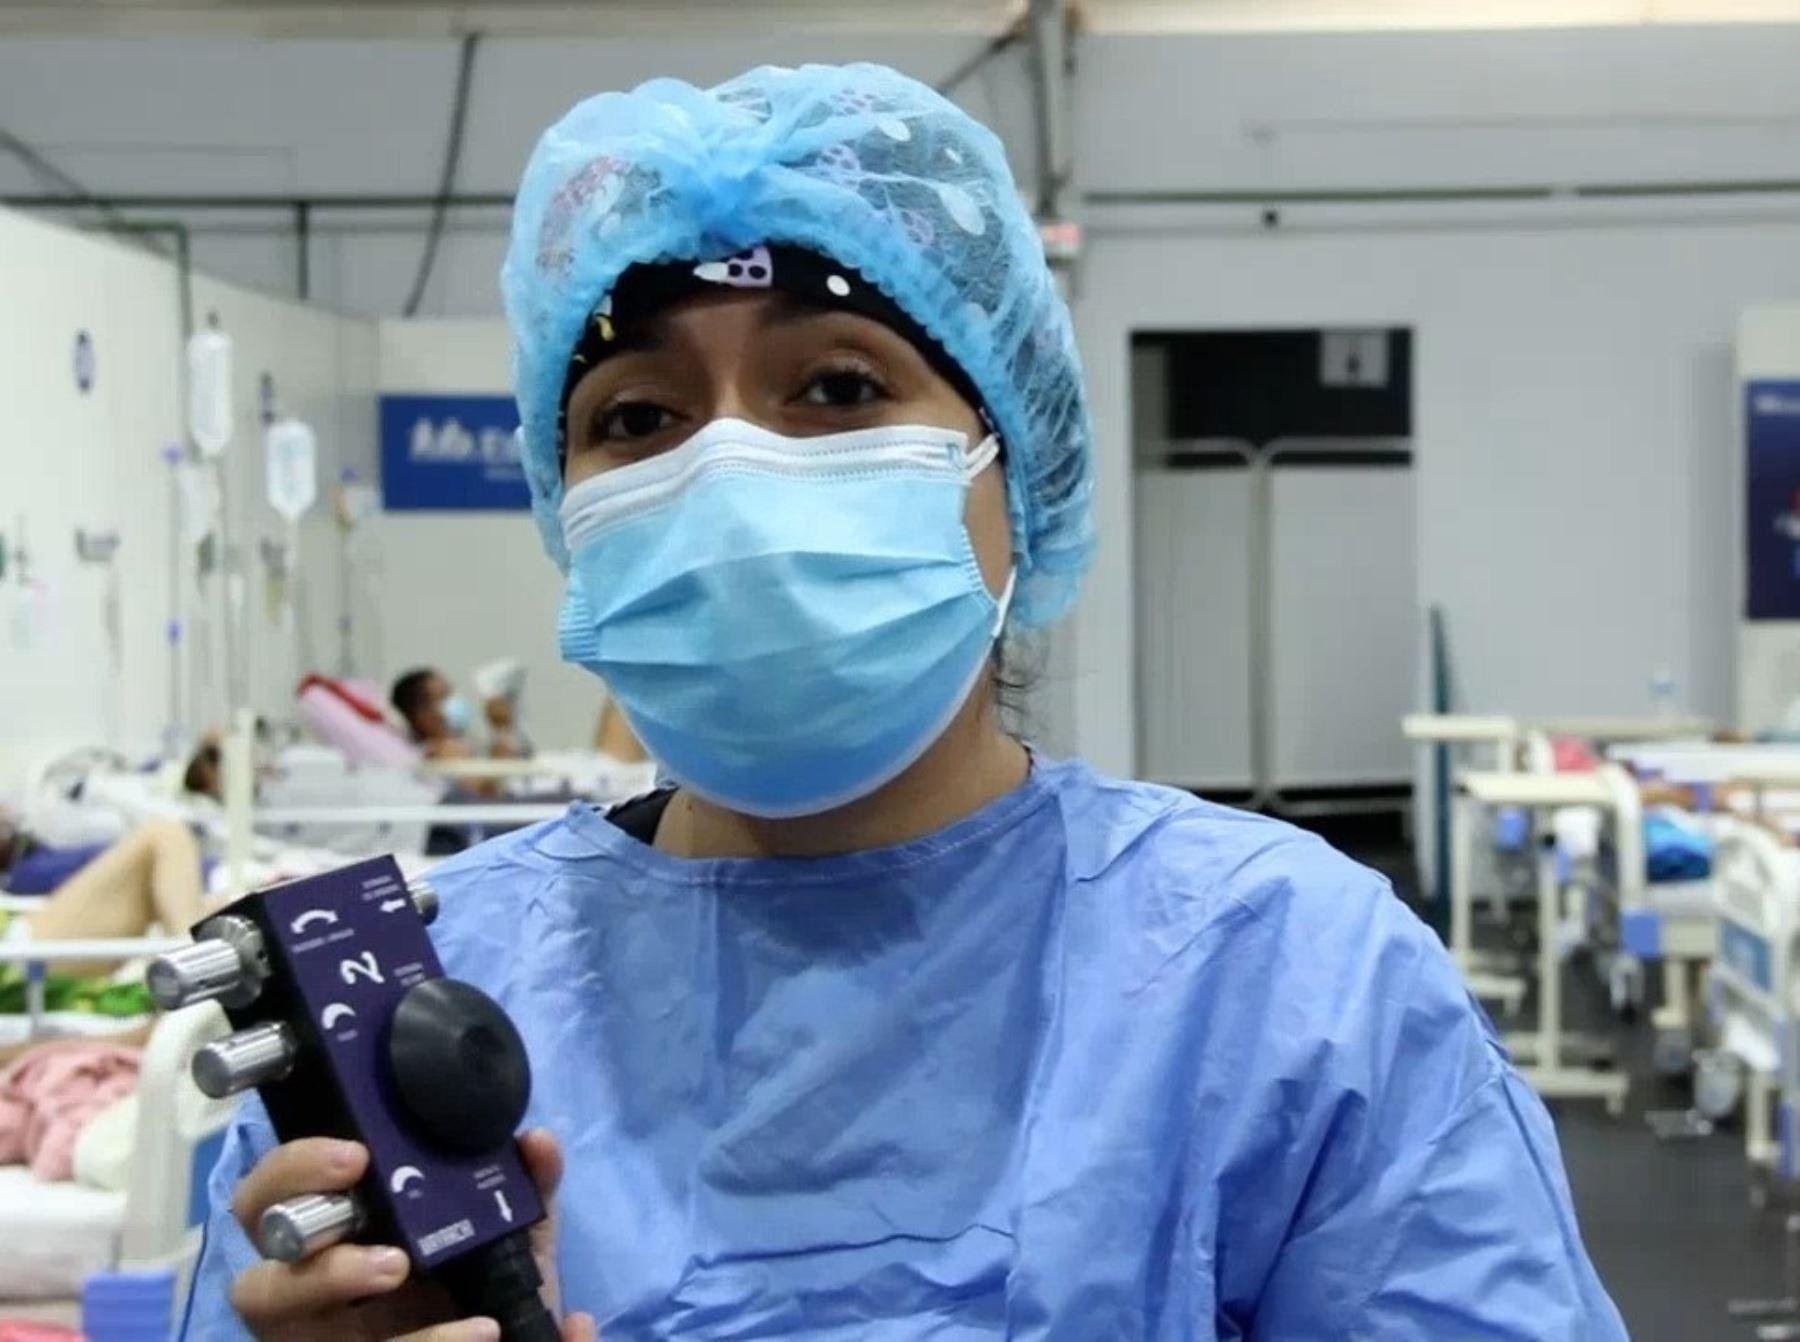 El wayrachis es un dispositivo de alto flujo de oxígeno que emplea la Villa EsSalud Piura y ha logrado recuperar a varios pacientes críticos afectados por el coronavirus (covid-19). ANDINA/Difusión